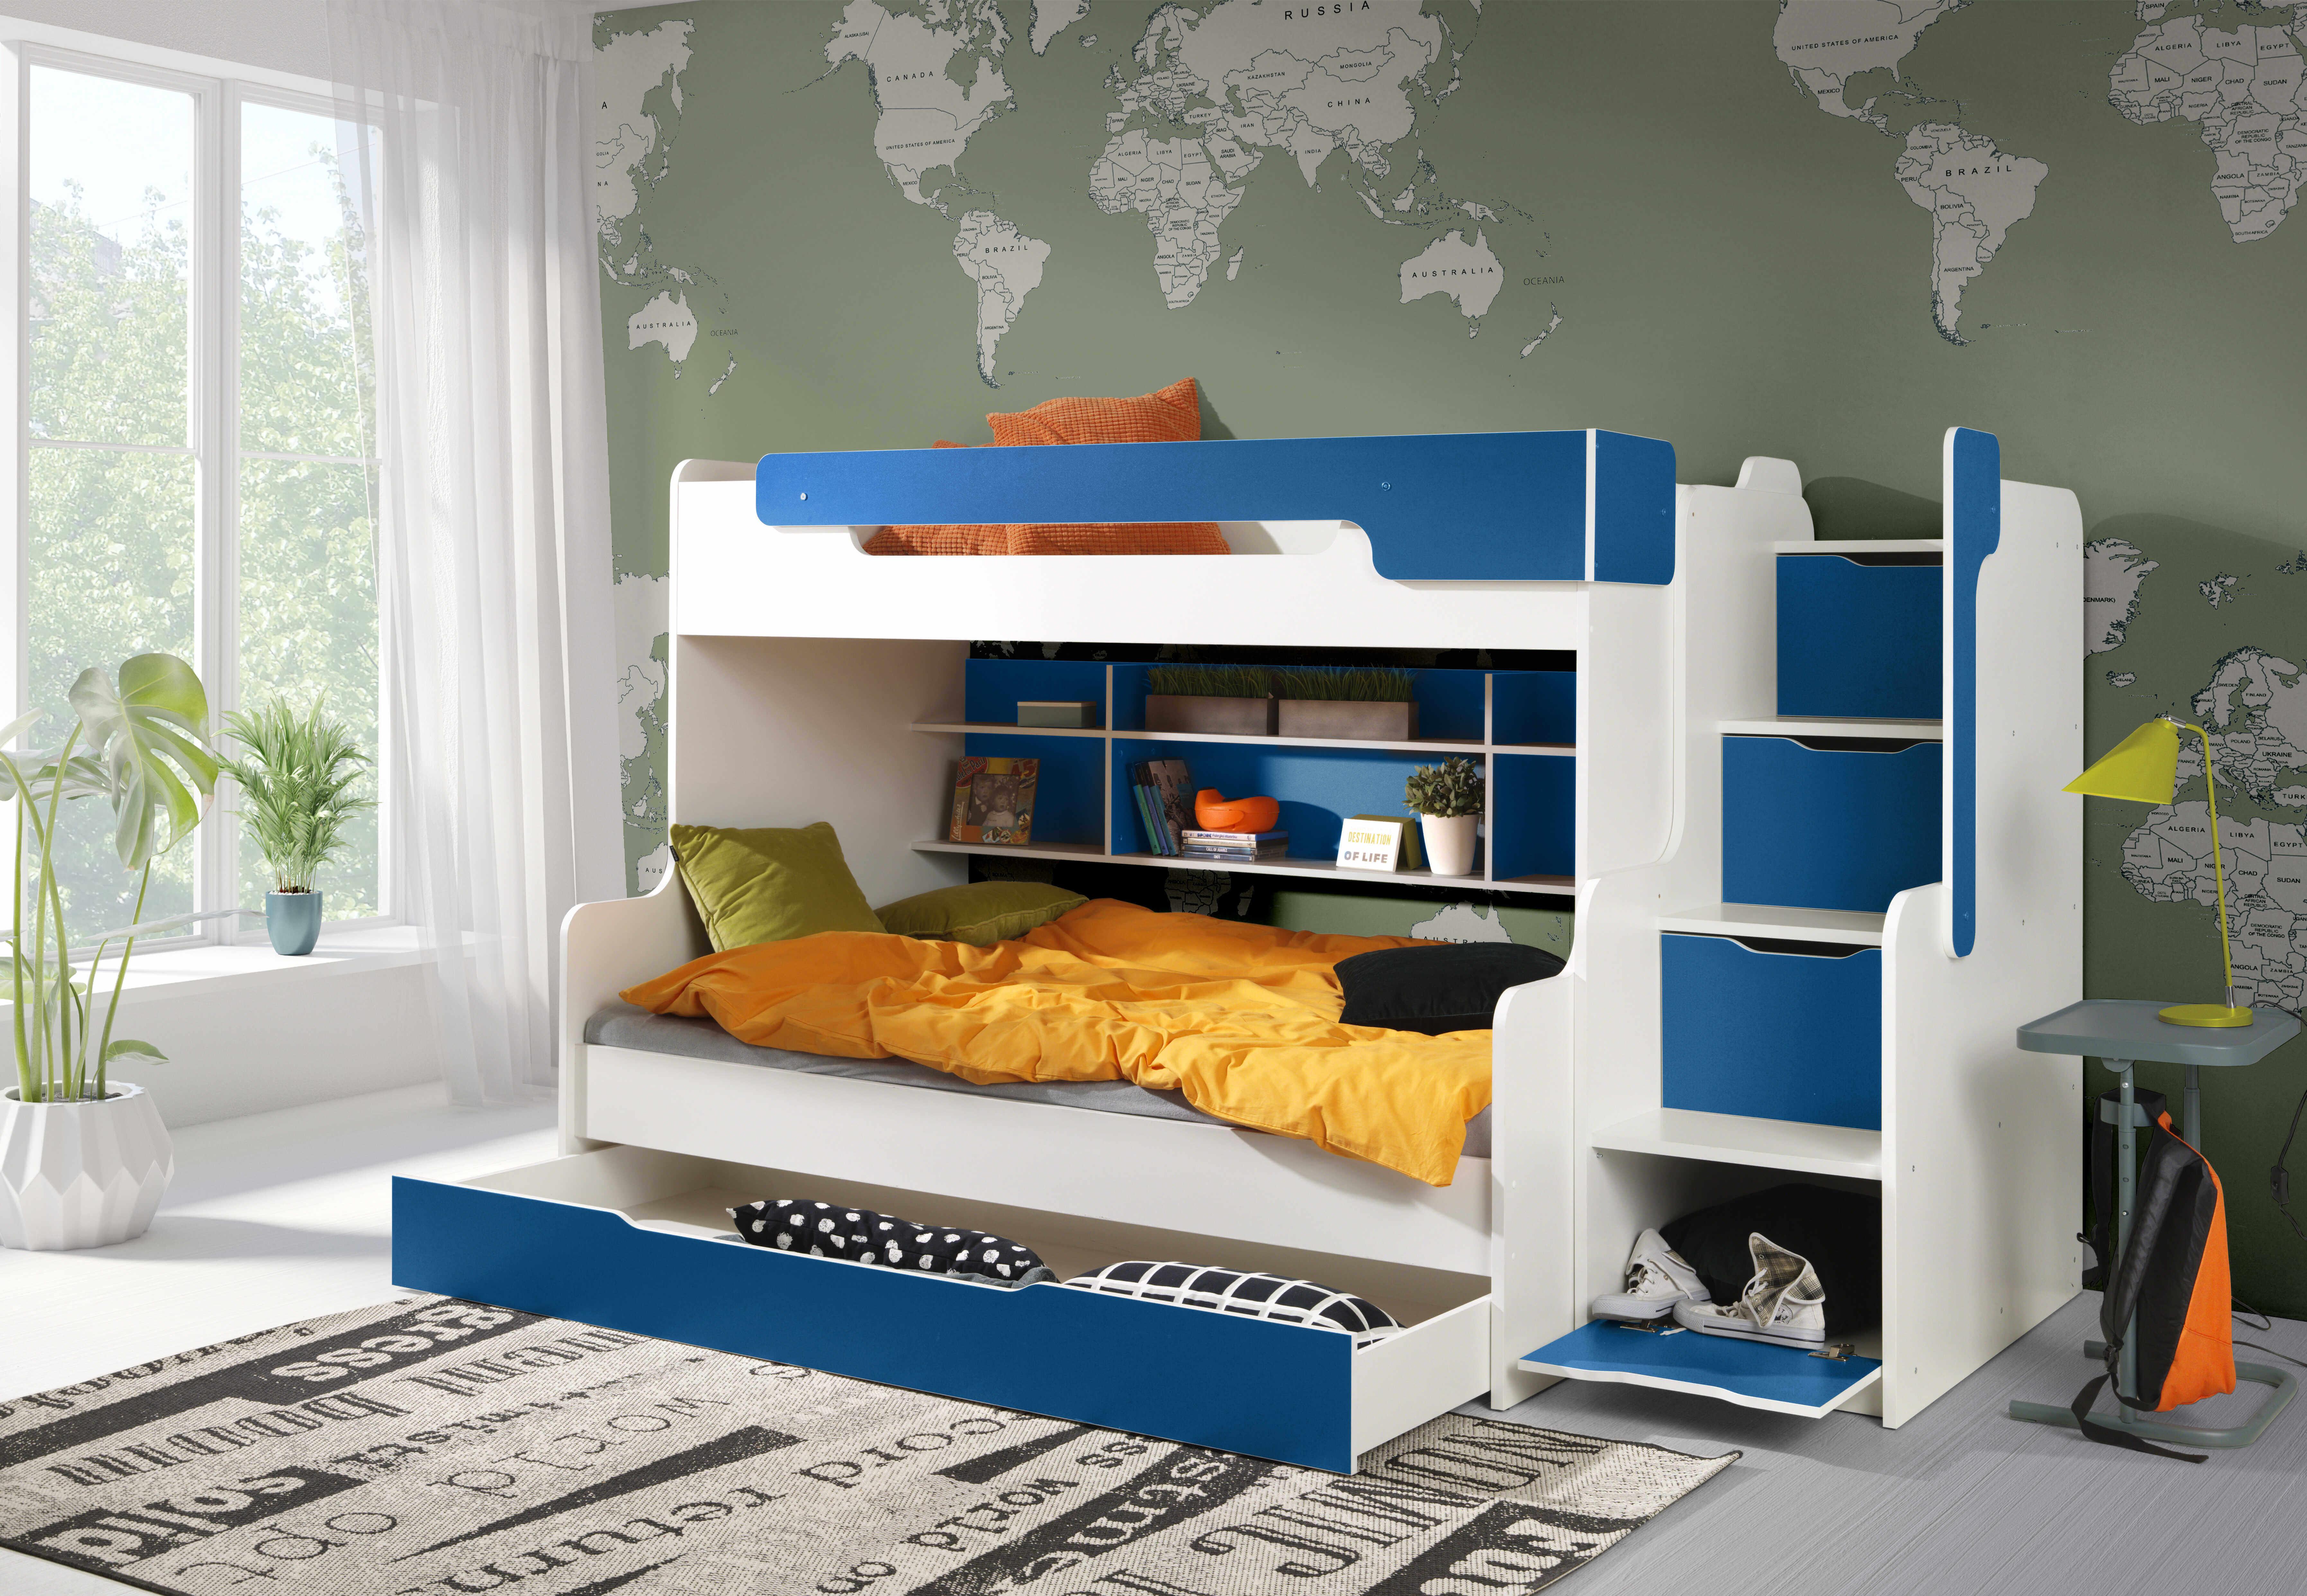 ArtBed Detská poschodová posteľ Harry Farba: biela/modrá